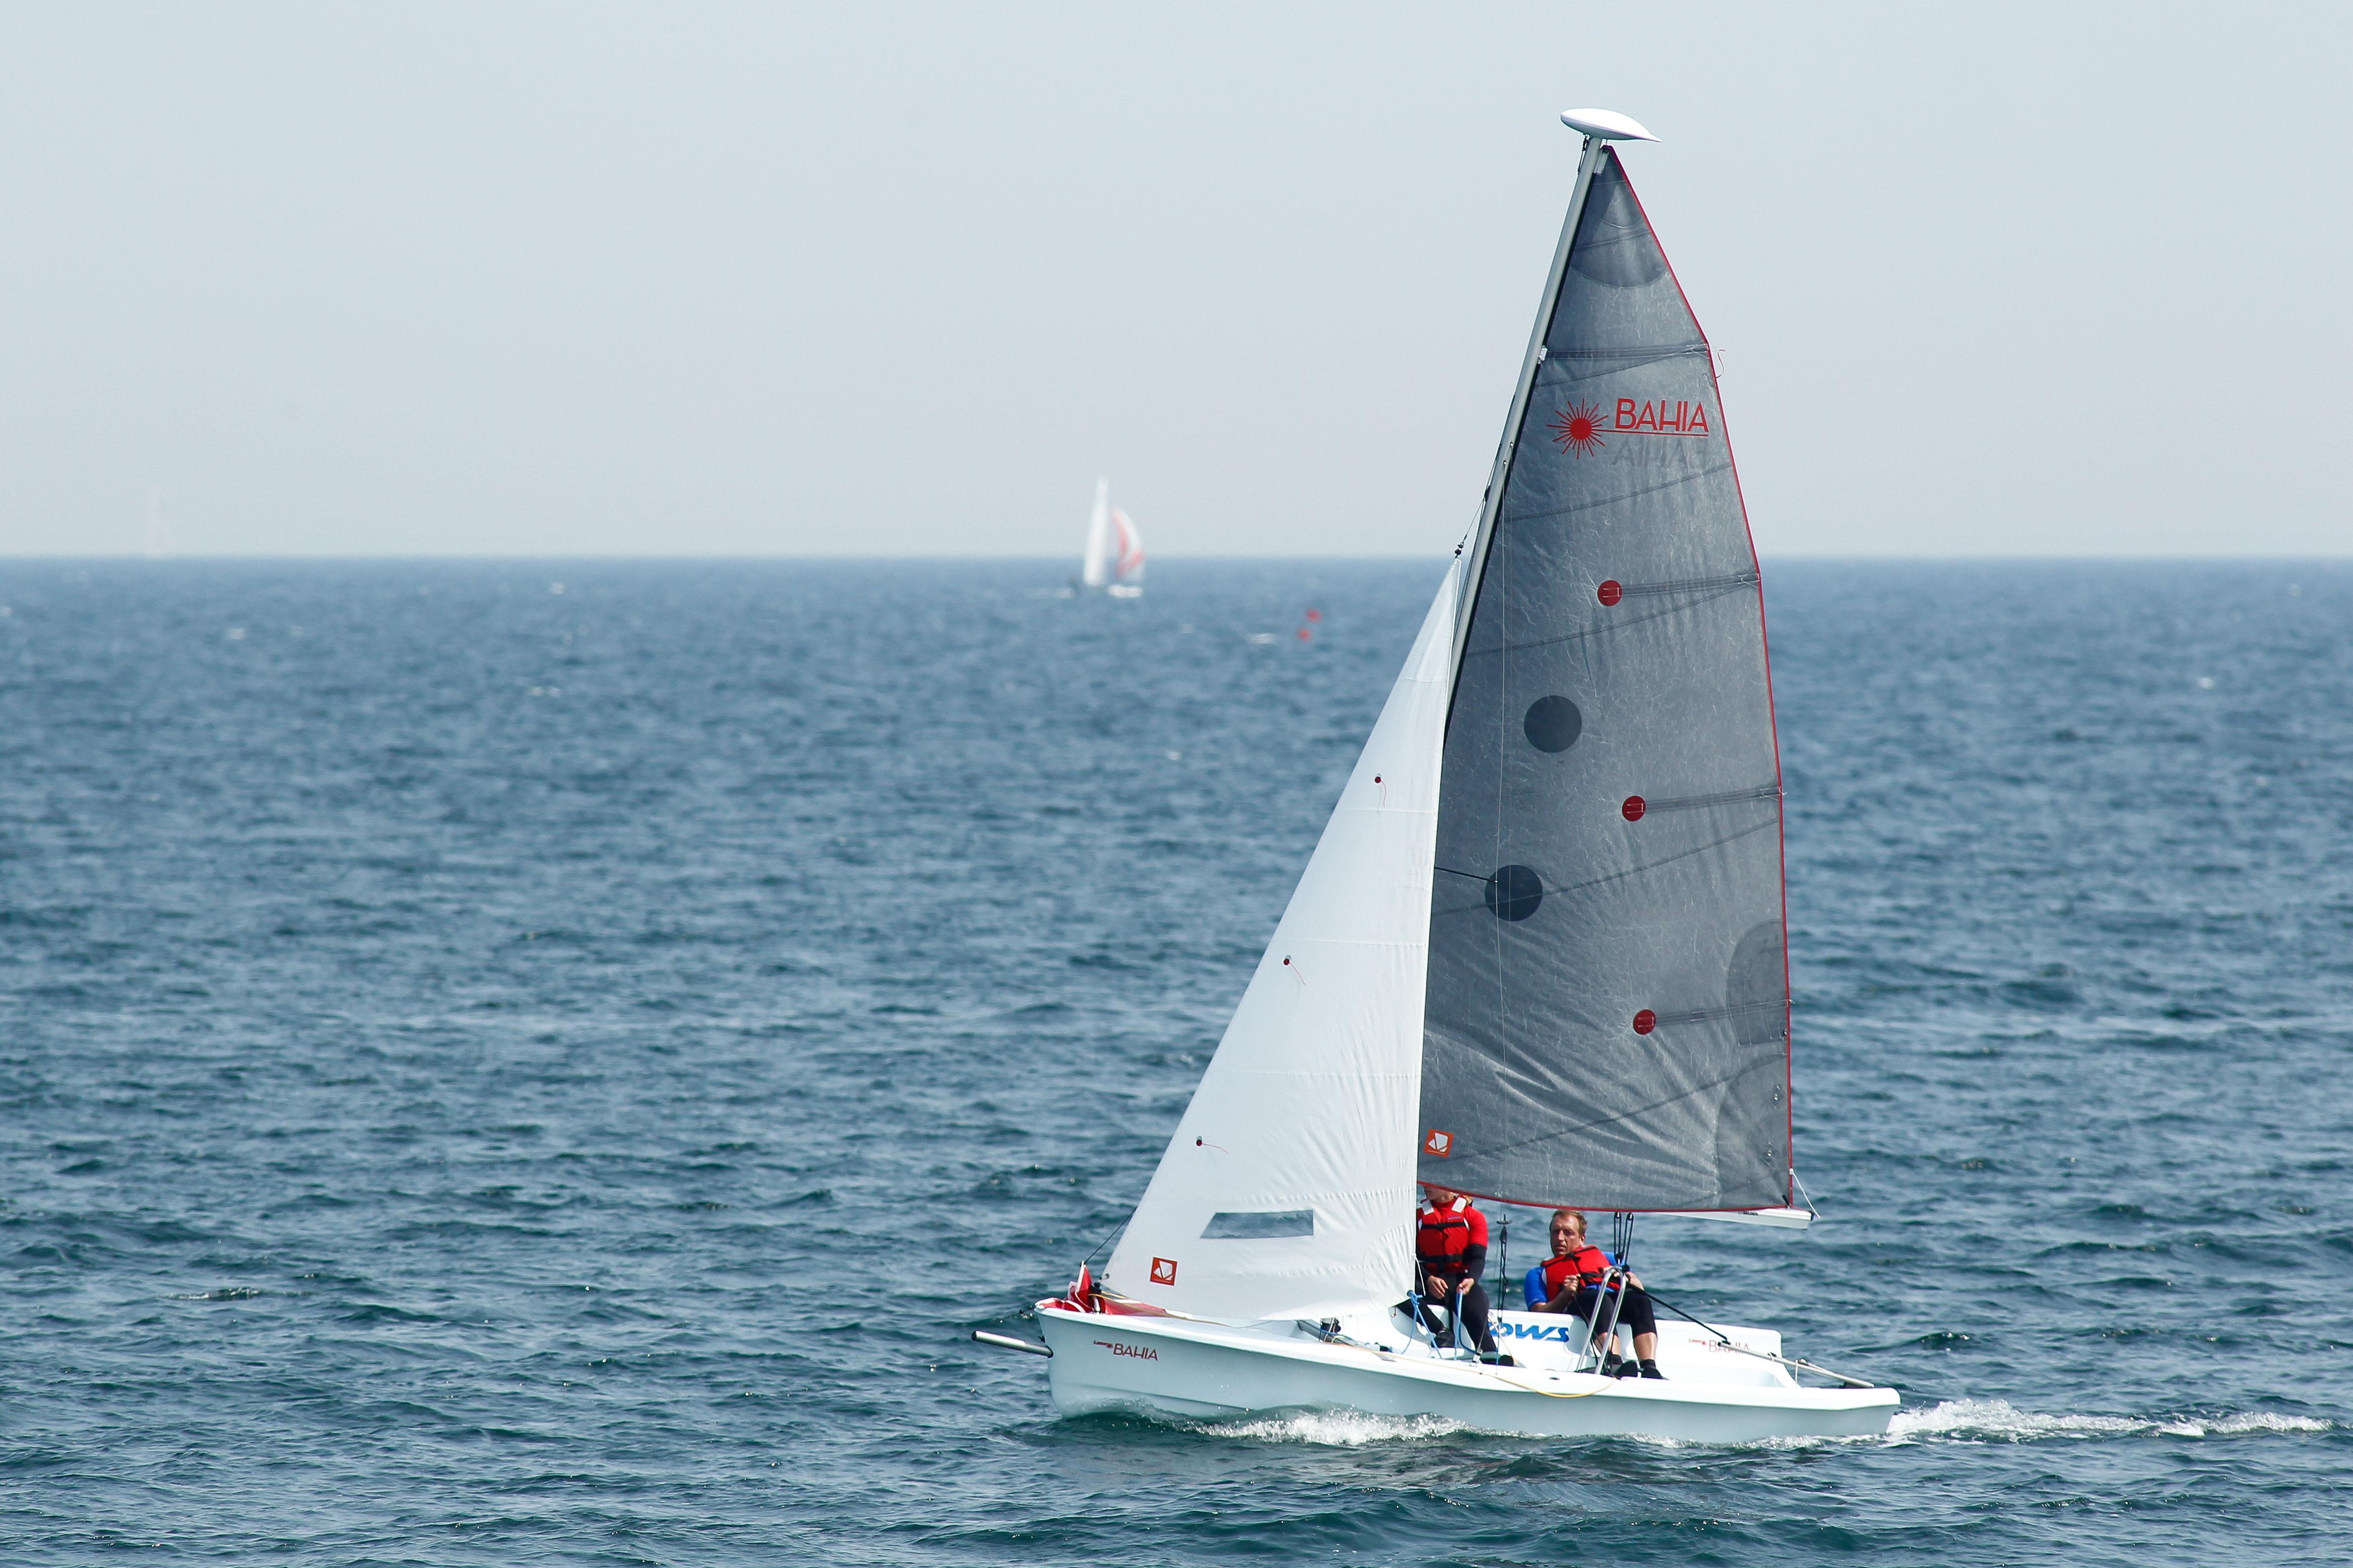 Sylt Aufbaukurs Segeln, besser segeln lernen auf der Nordsee